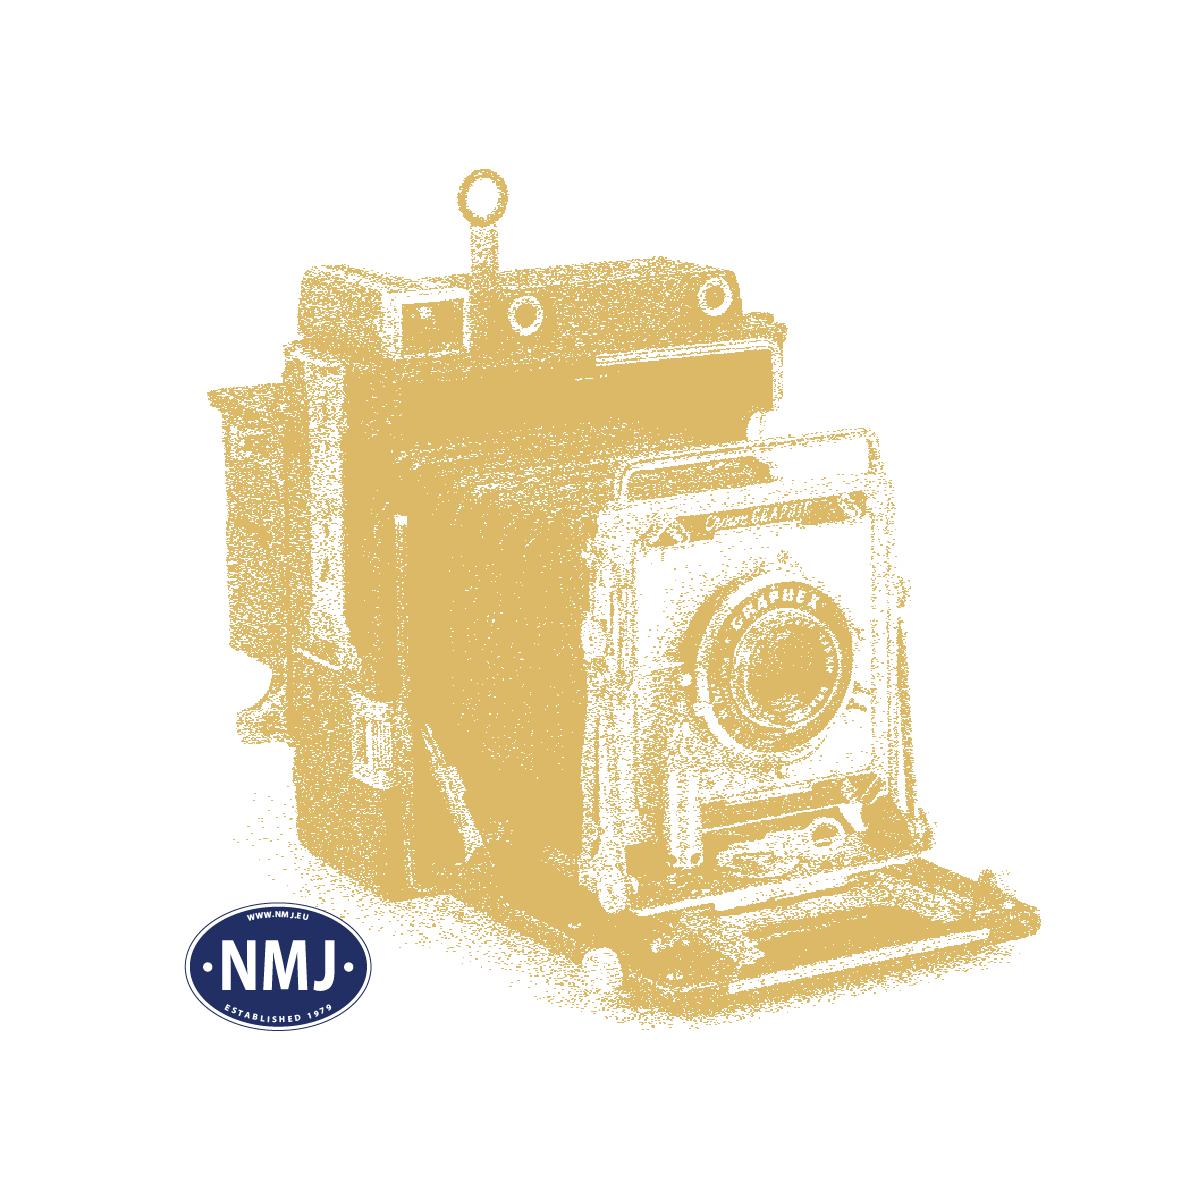 NMJT9907 - Pantograf for NMJ Topline EL13, Gammel type, 2 stk (1 Par)